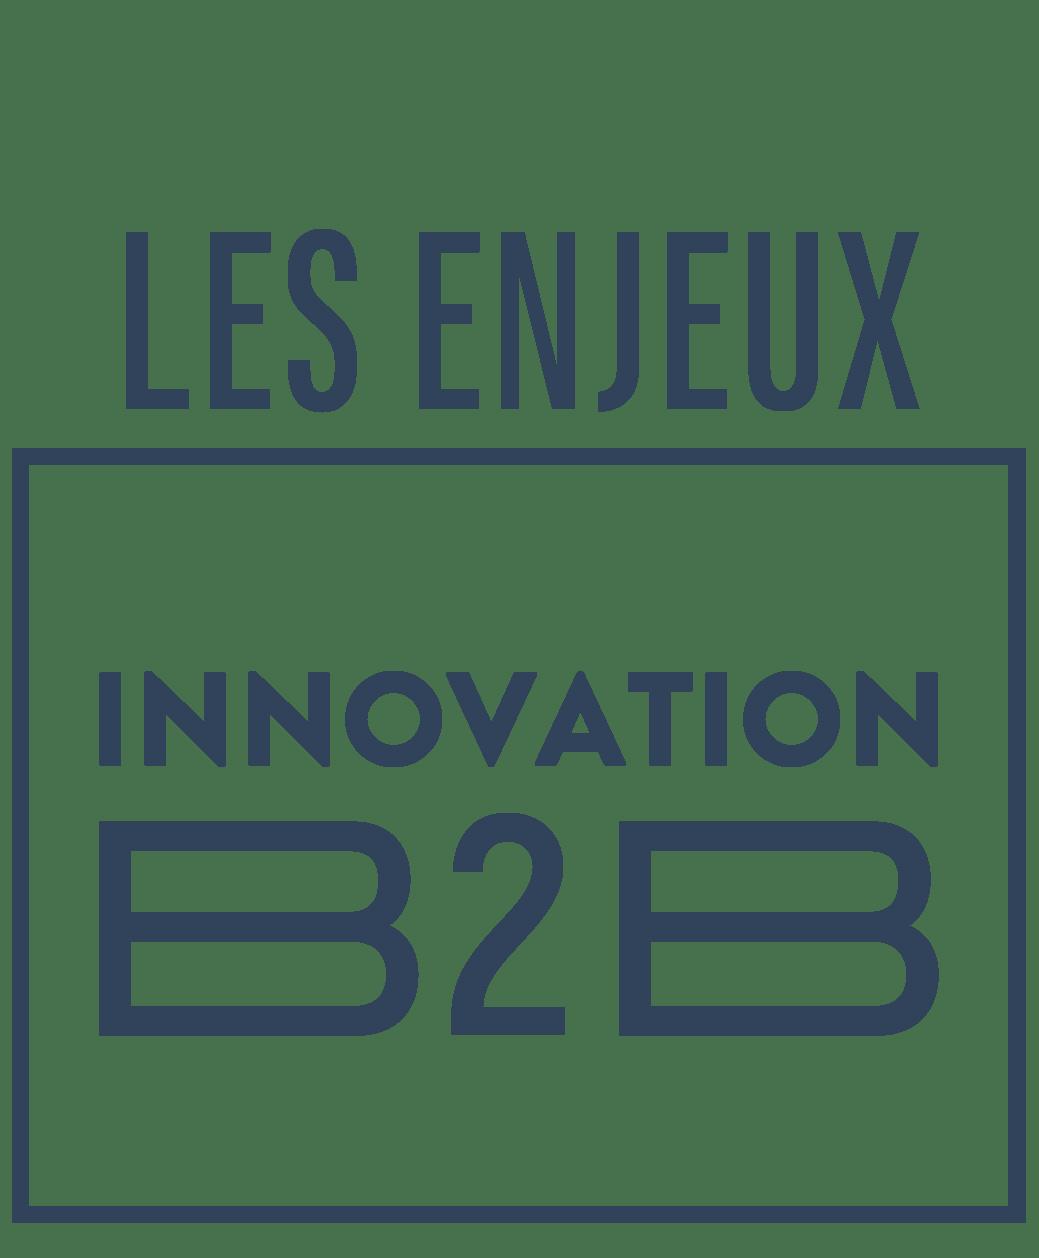 Les Enjeux Innovation B2B : un nouveau rendez-vous proposé par la Fevad et Next Content